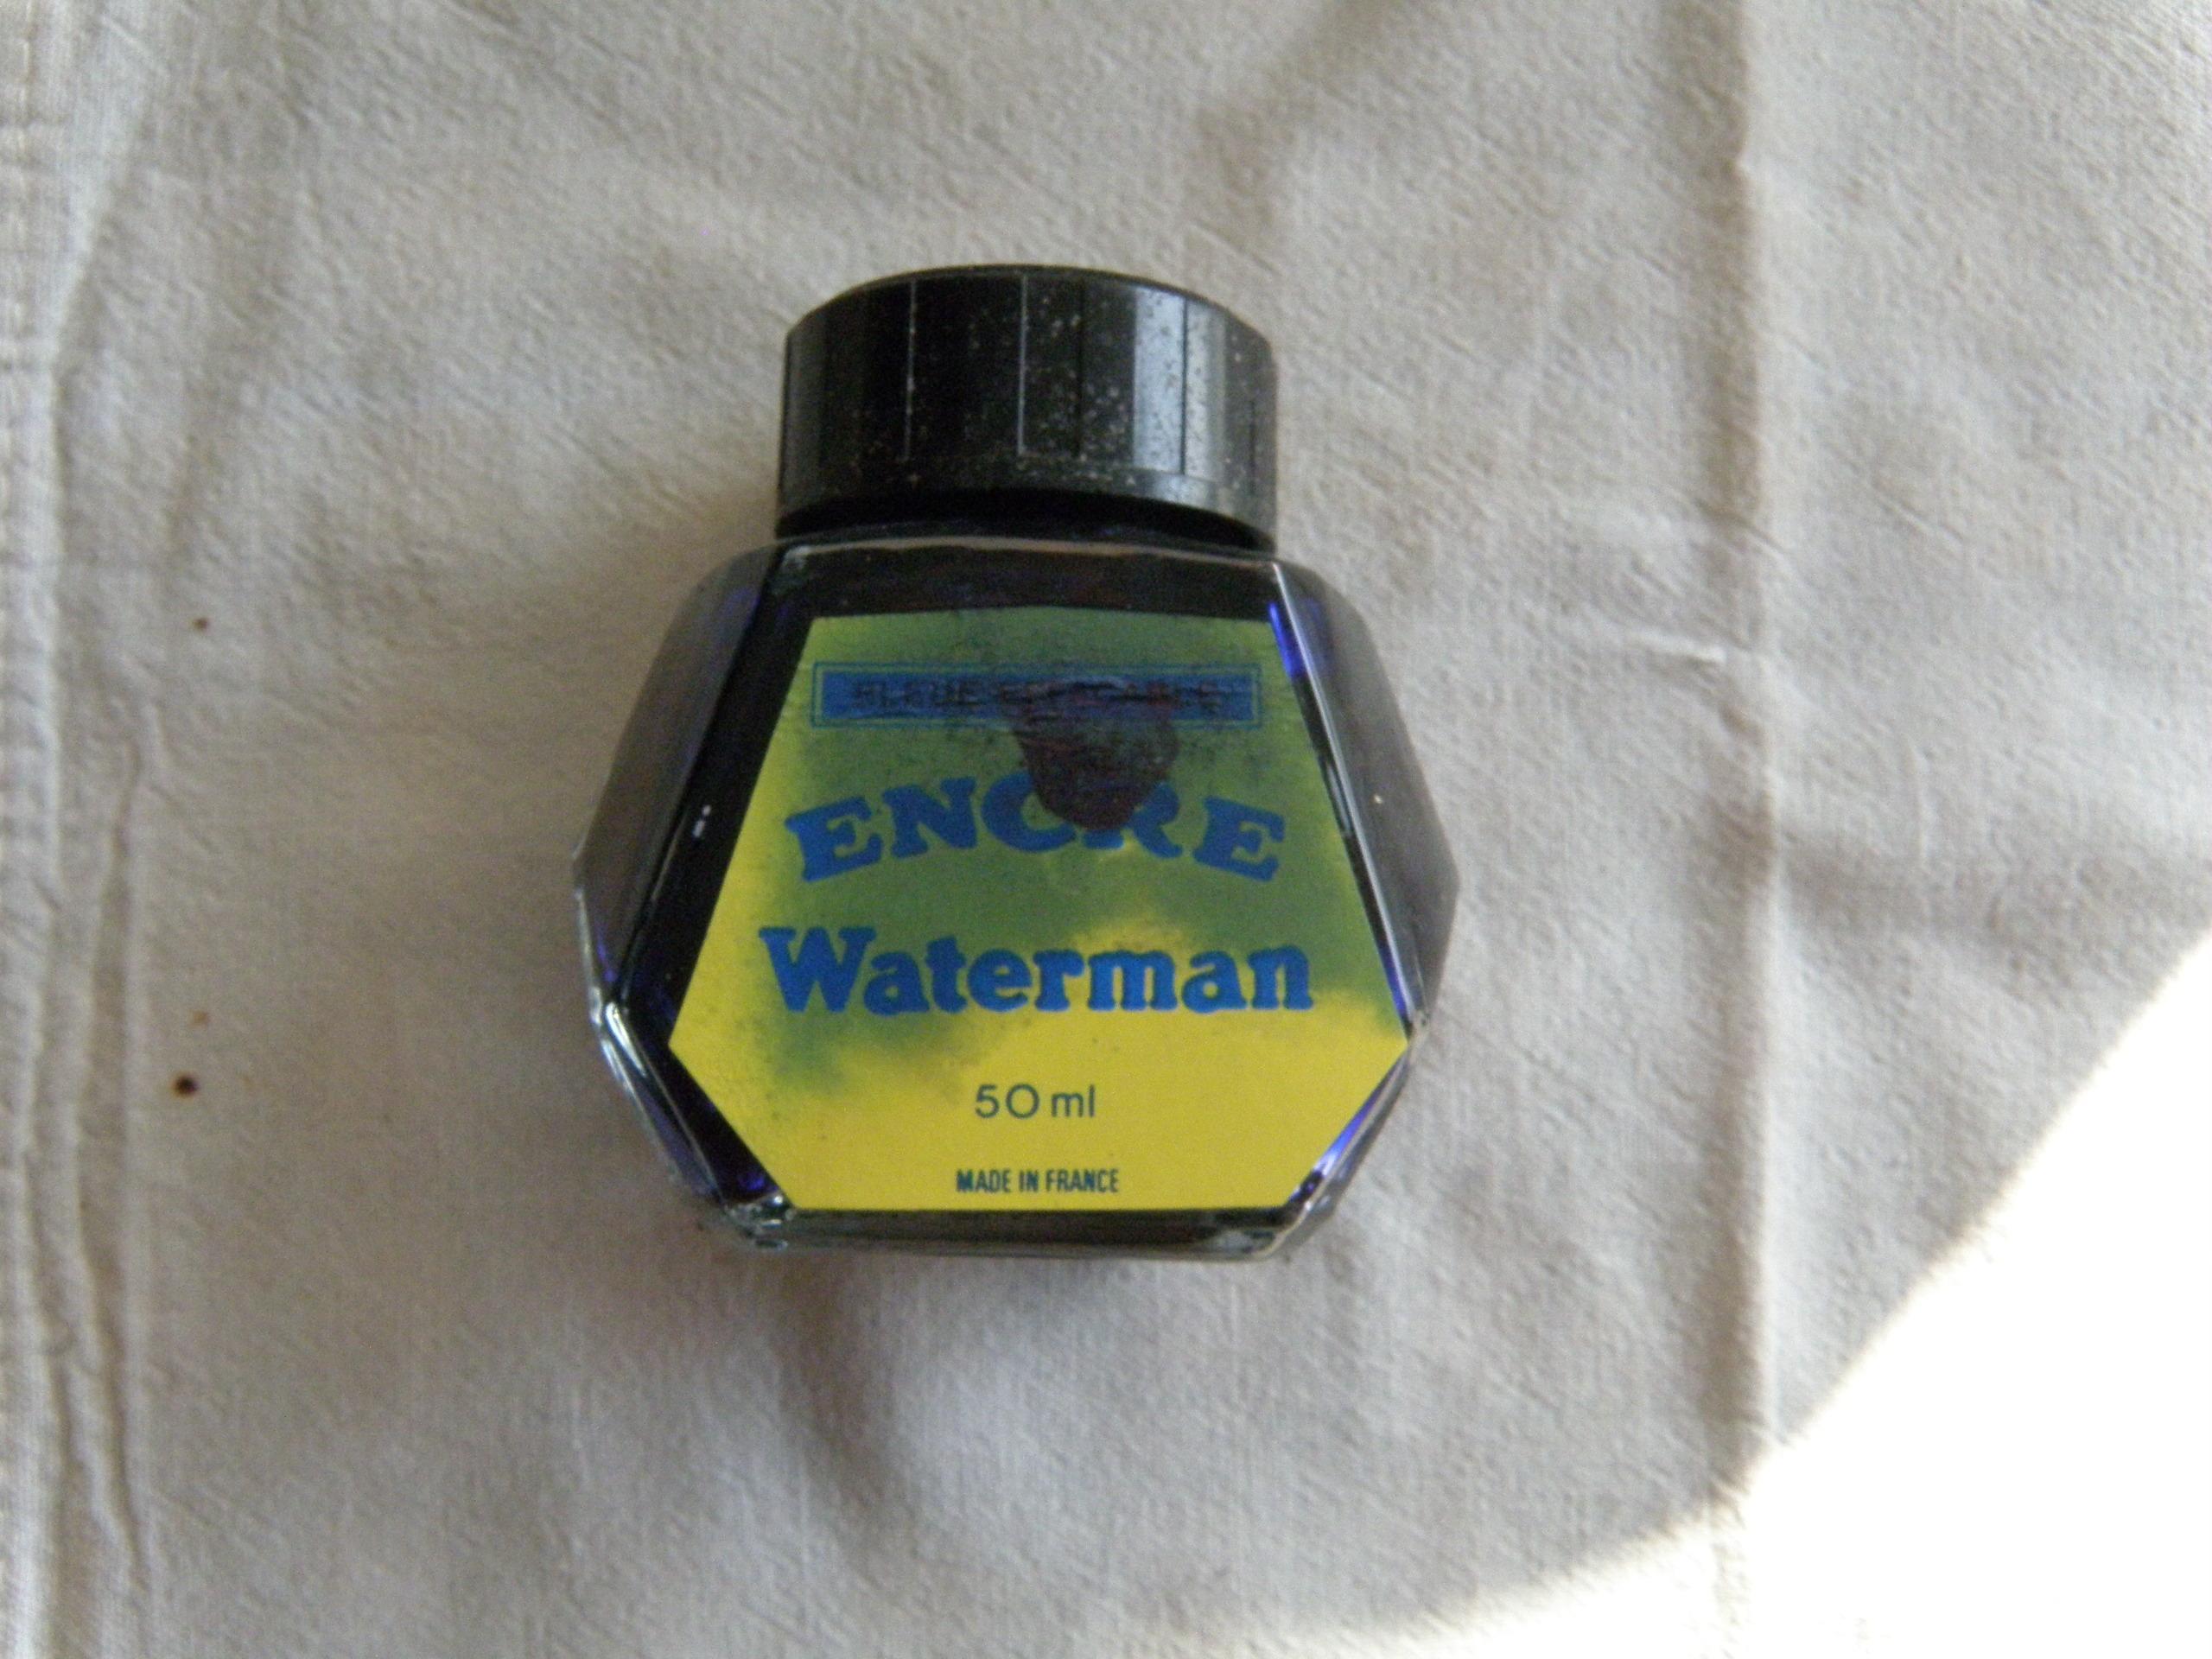 troc de troc réservé dauvpic bouteille encre waterman bleu, à moitié image 0